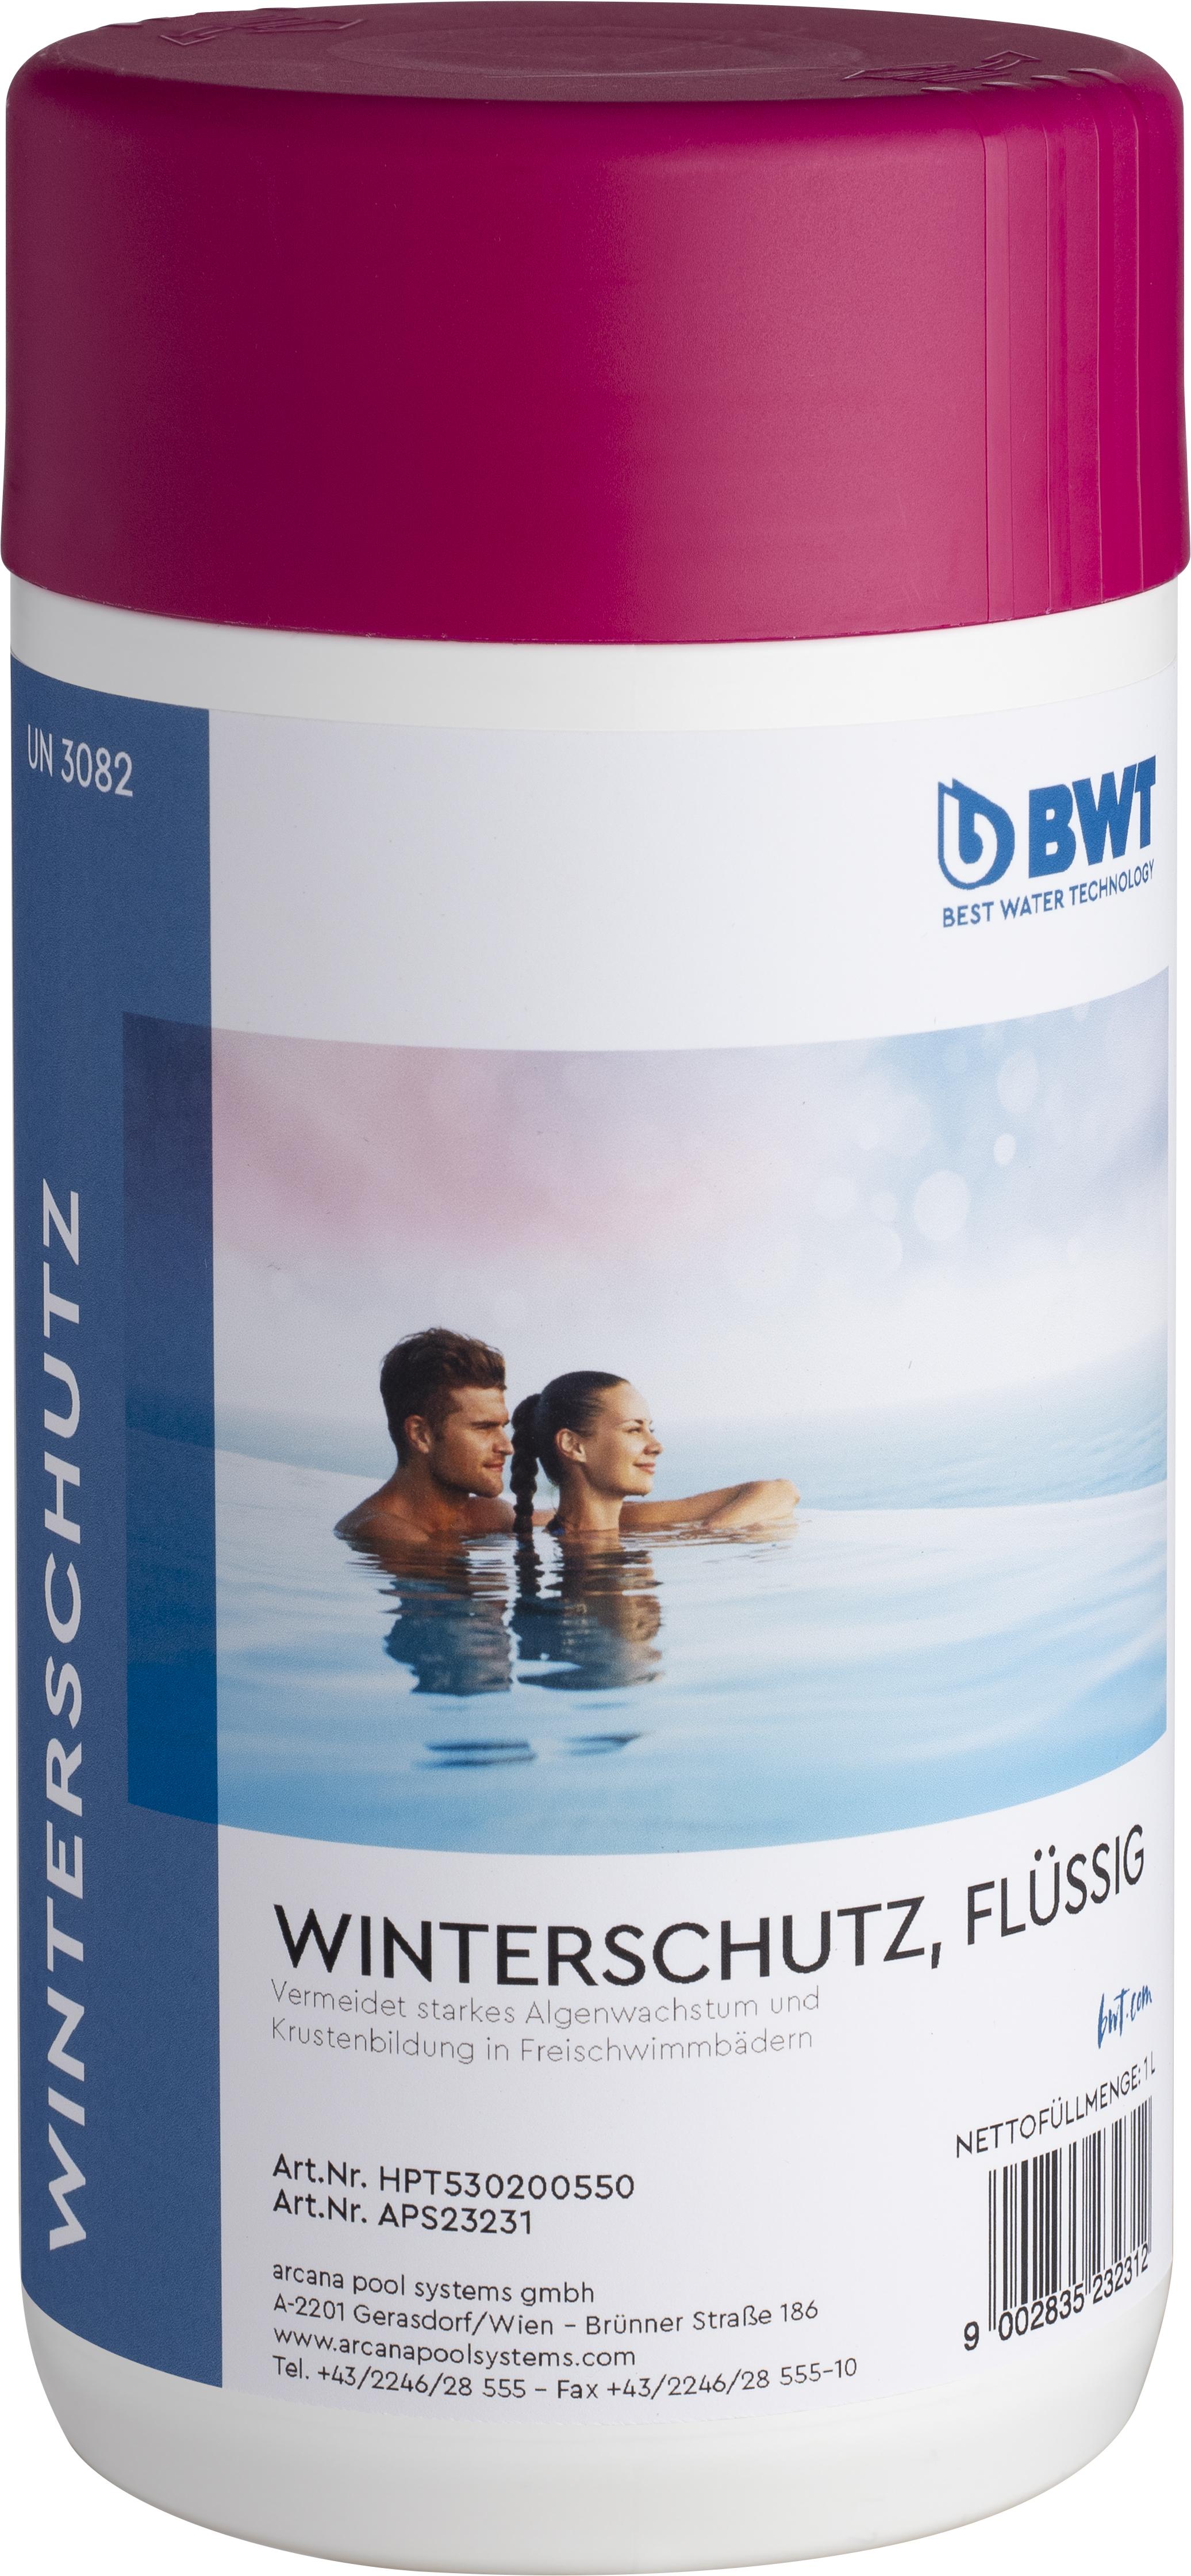 BWT Winterschutz 1 Liter